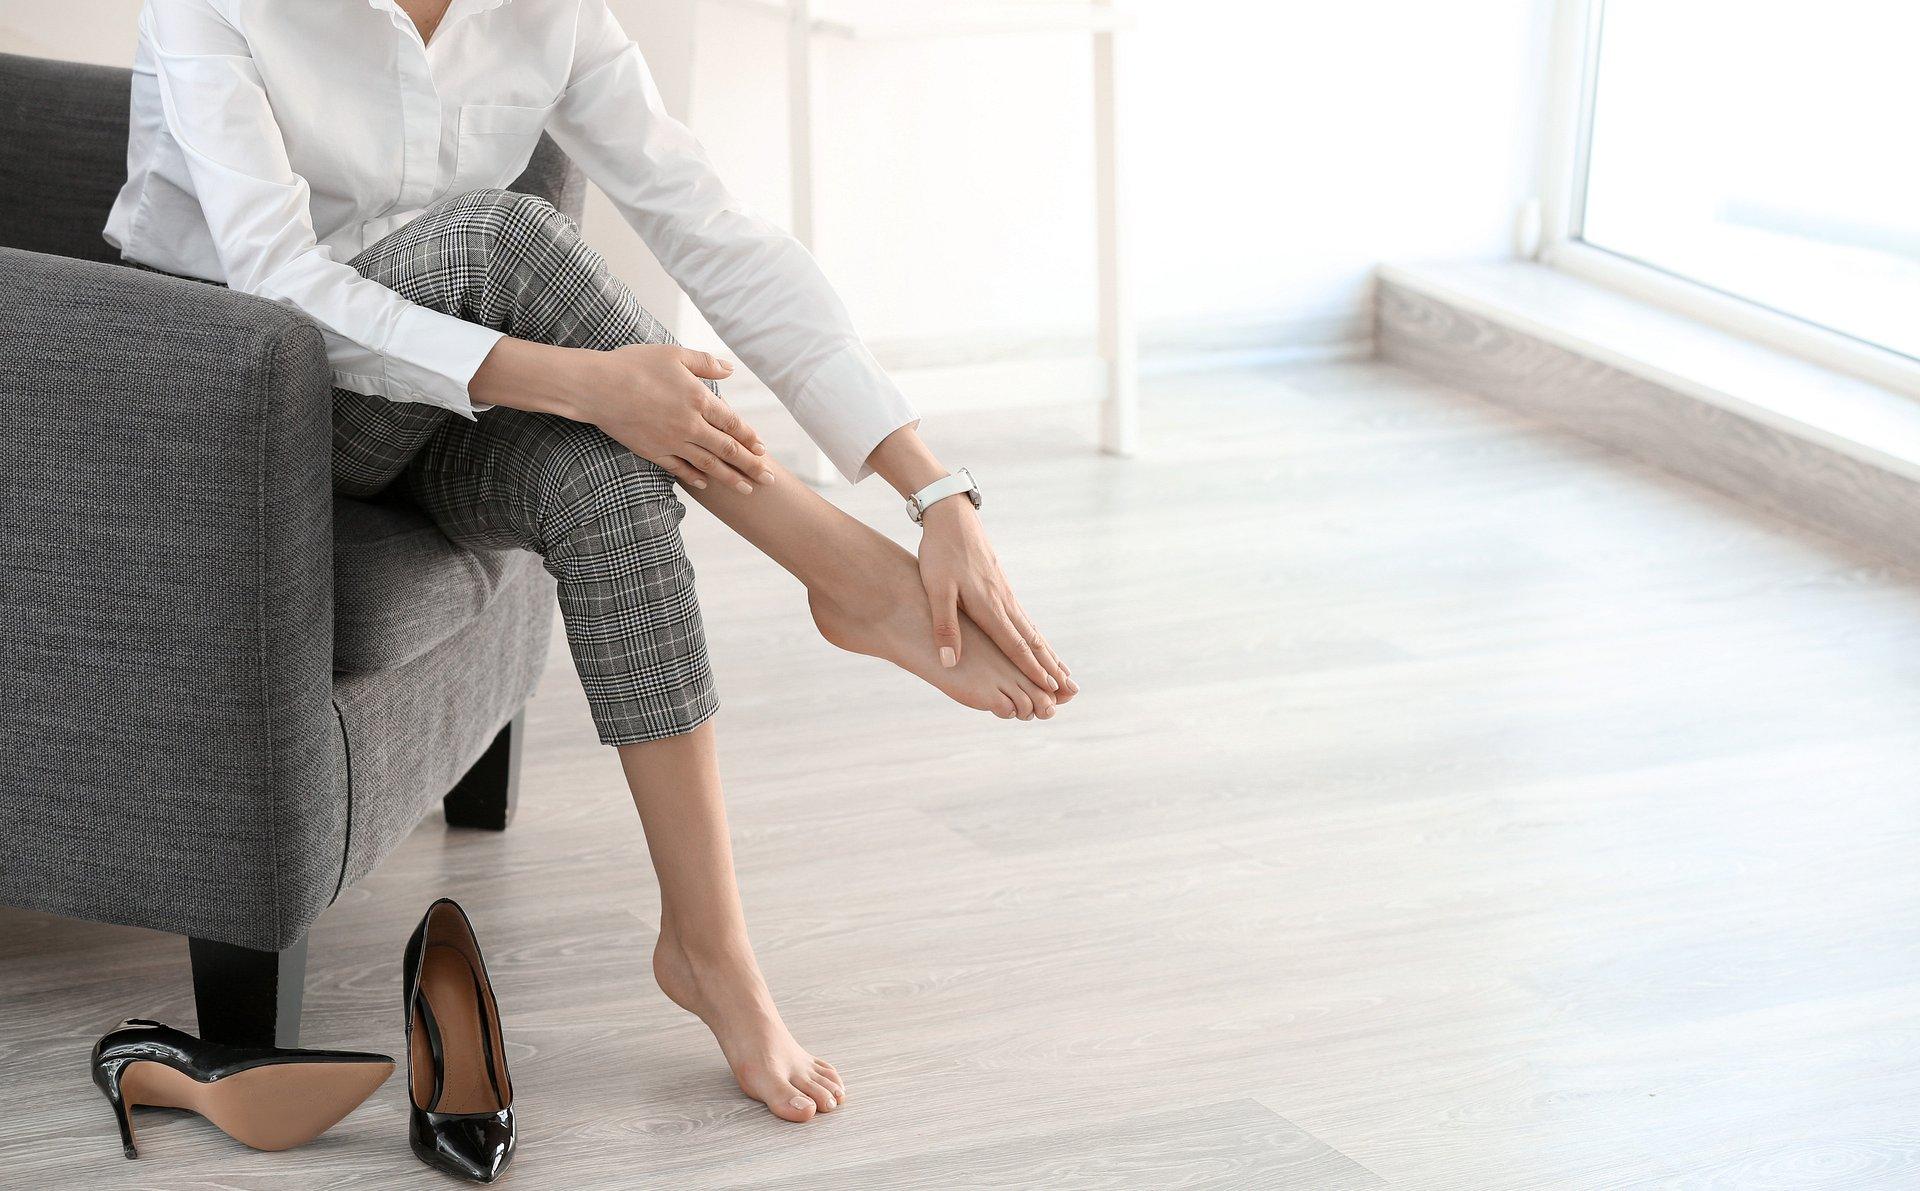 Jak radzić sobie ze zmęczonymi nogami po całym dniu w pracy?